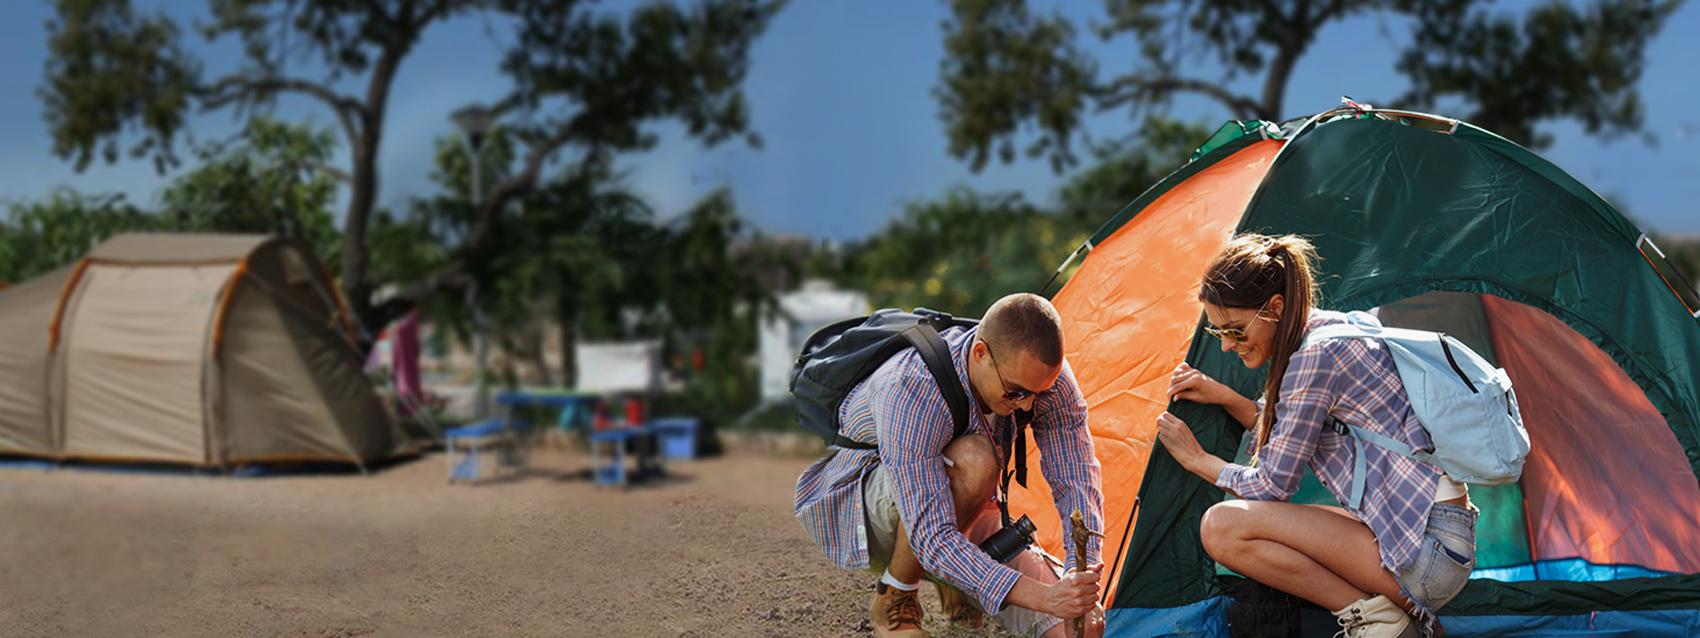 Parcelas individuales para Tiendas de campaña perfectamente equipadas para carpas - Camping Ria Formosa en Algarve